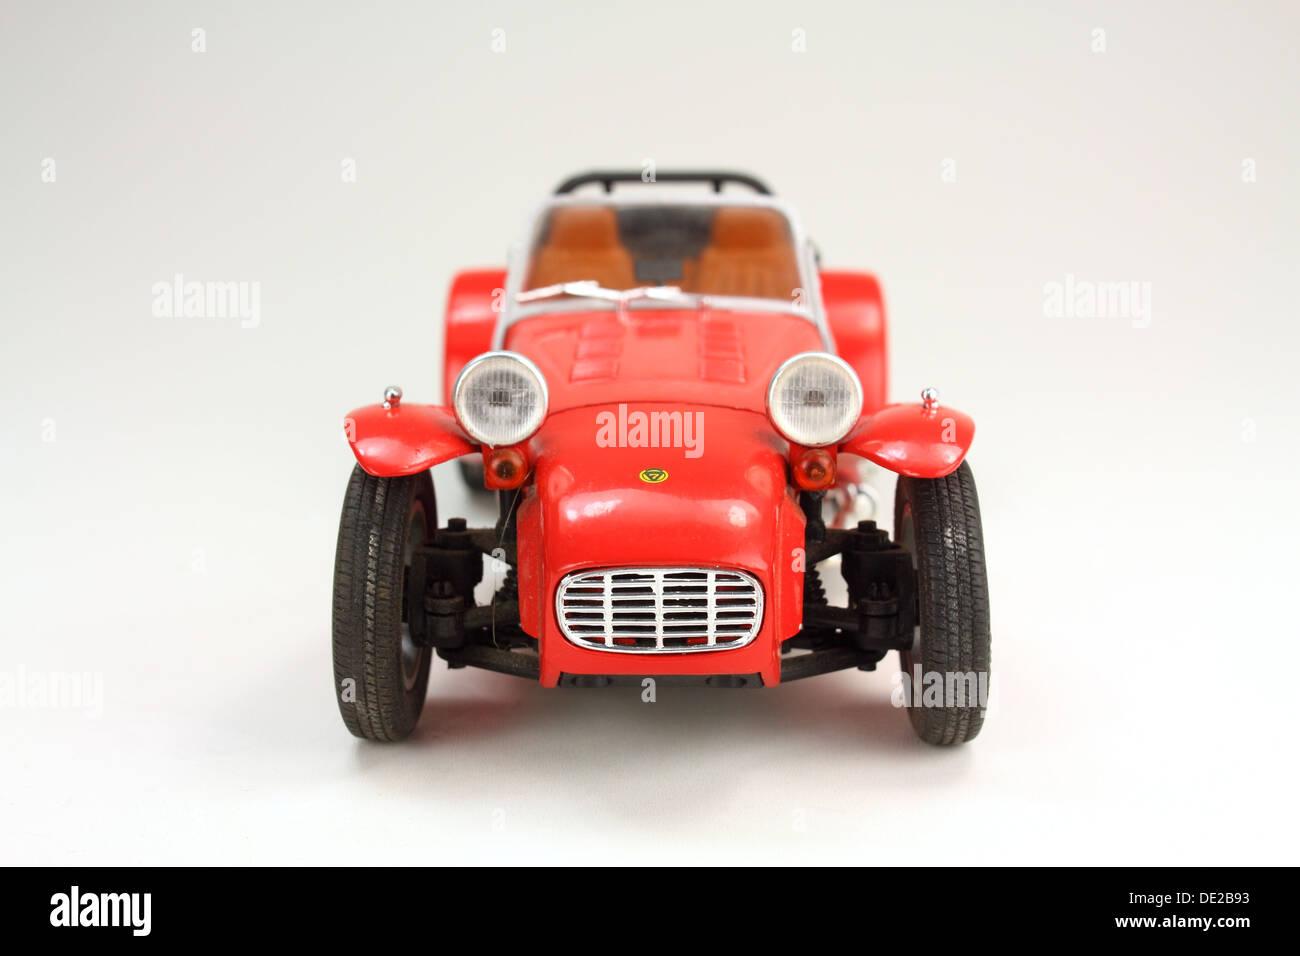 Druckguss Modell eines Lotus 7-Sportwagens auf weißem Hintergrund Stockbild